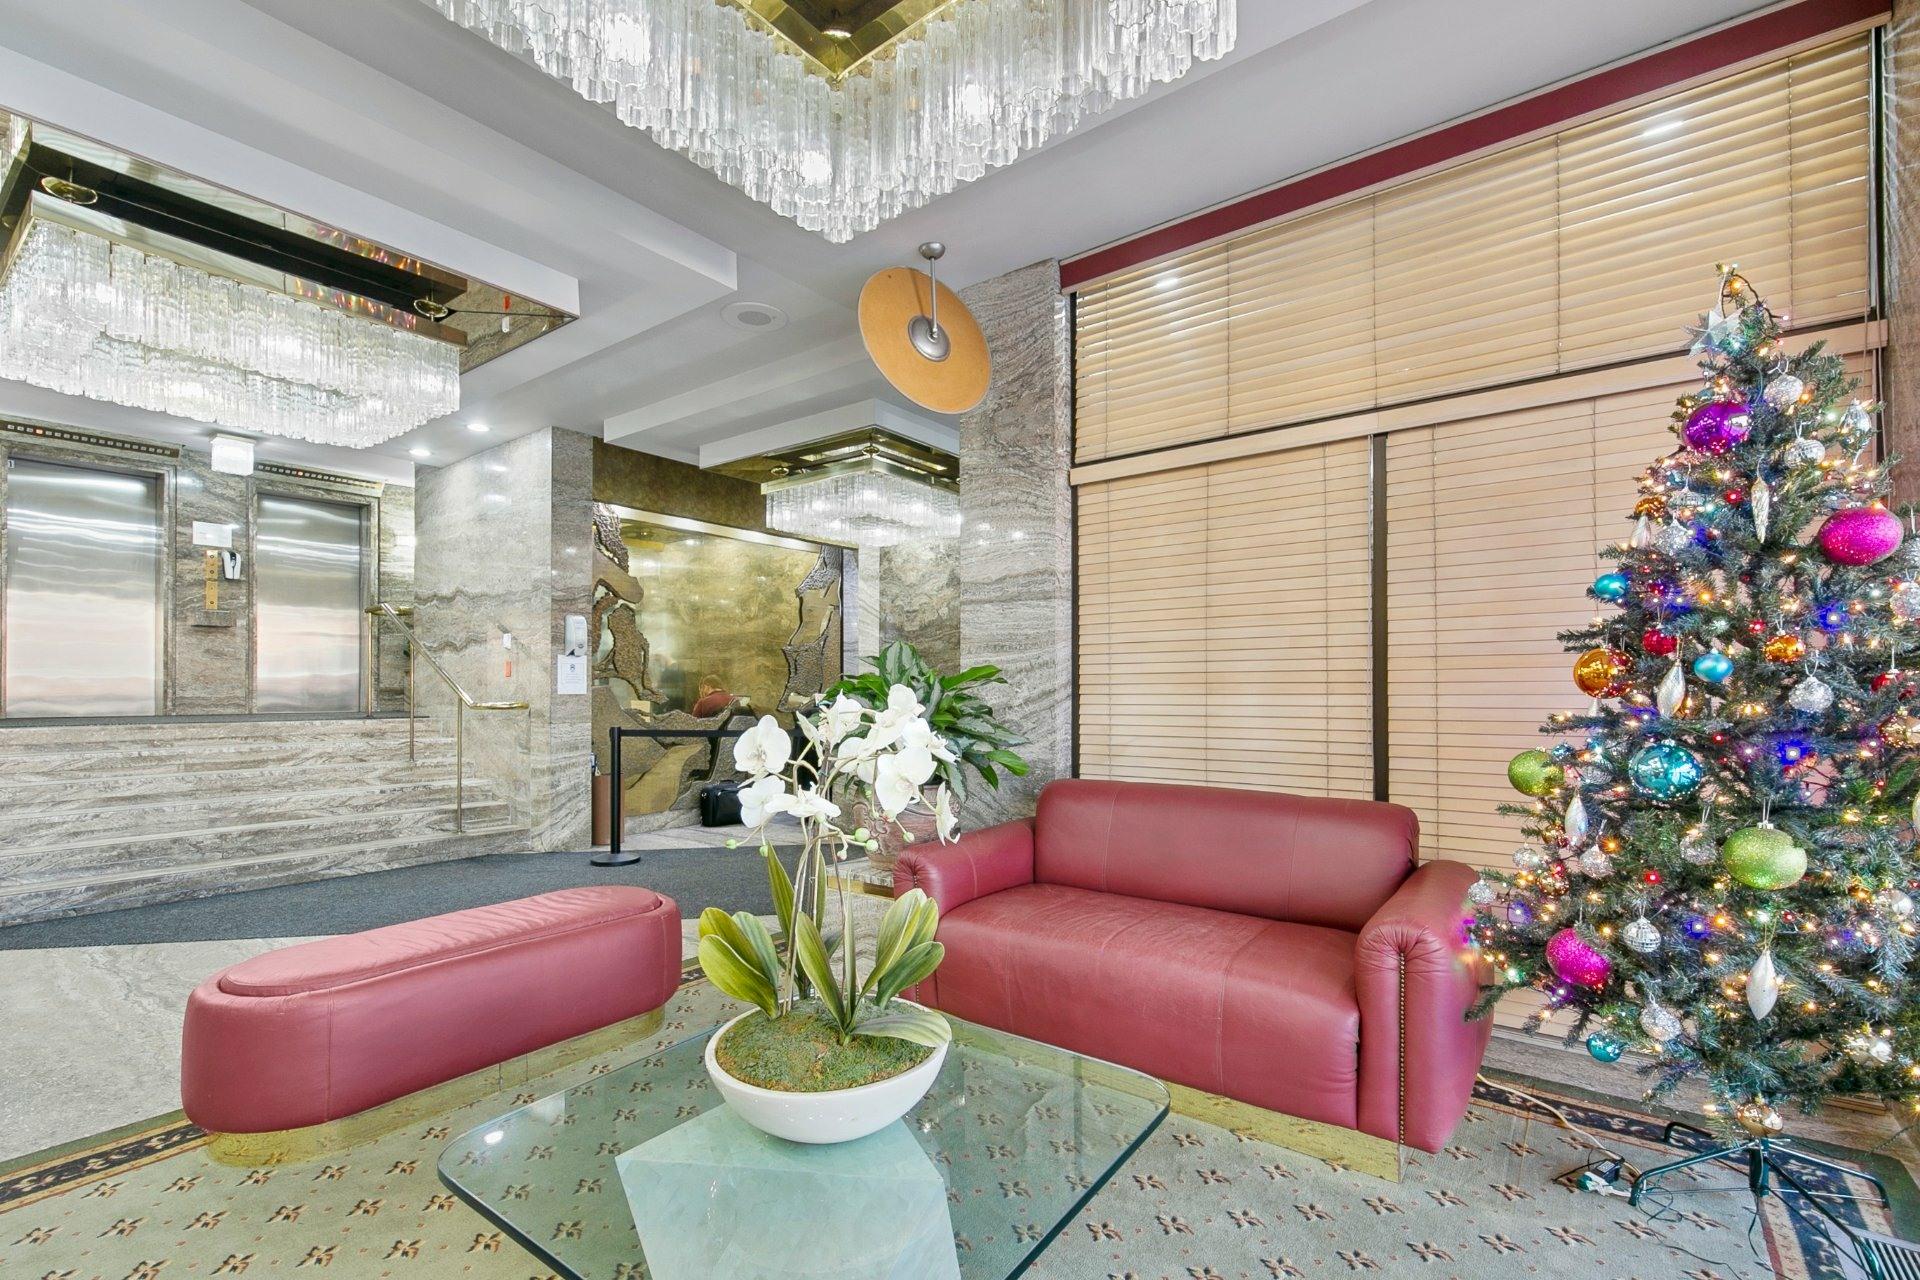 image 19 - Apartment For sale Côte-Saint-Luc - 5 rooms